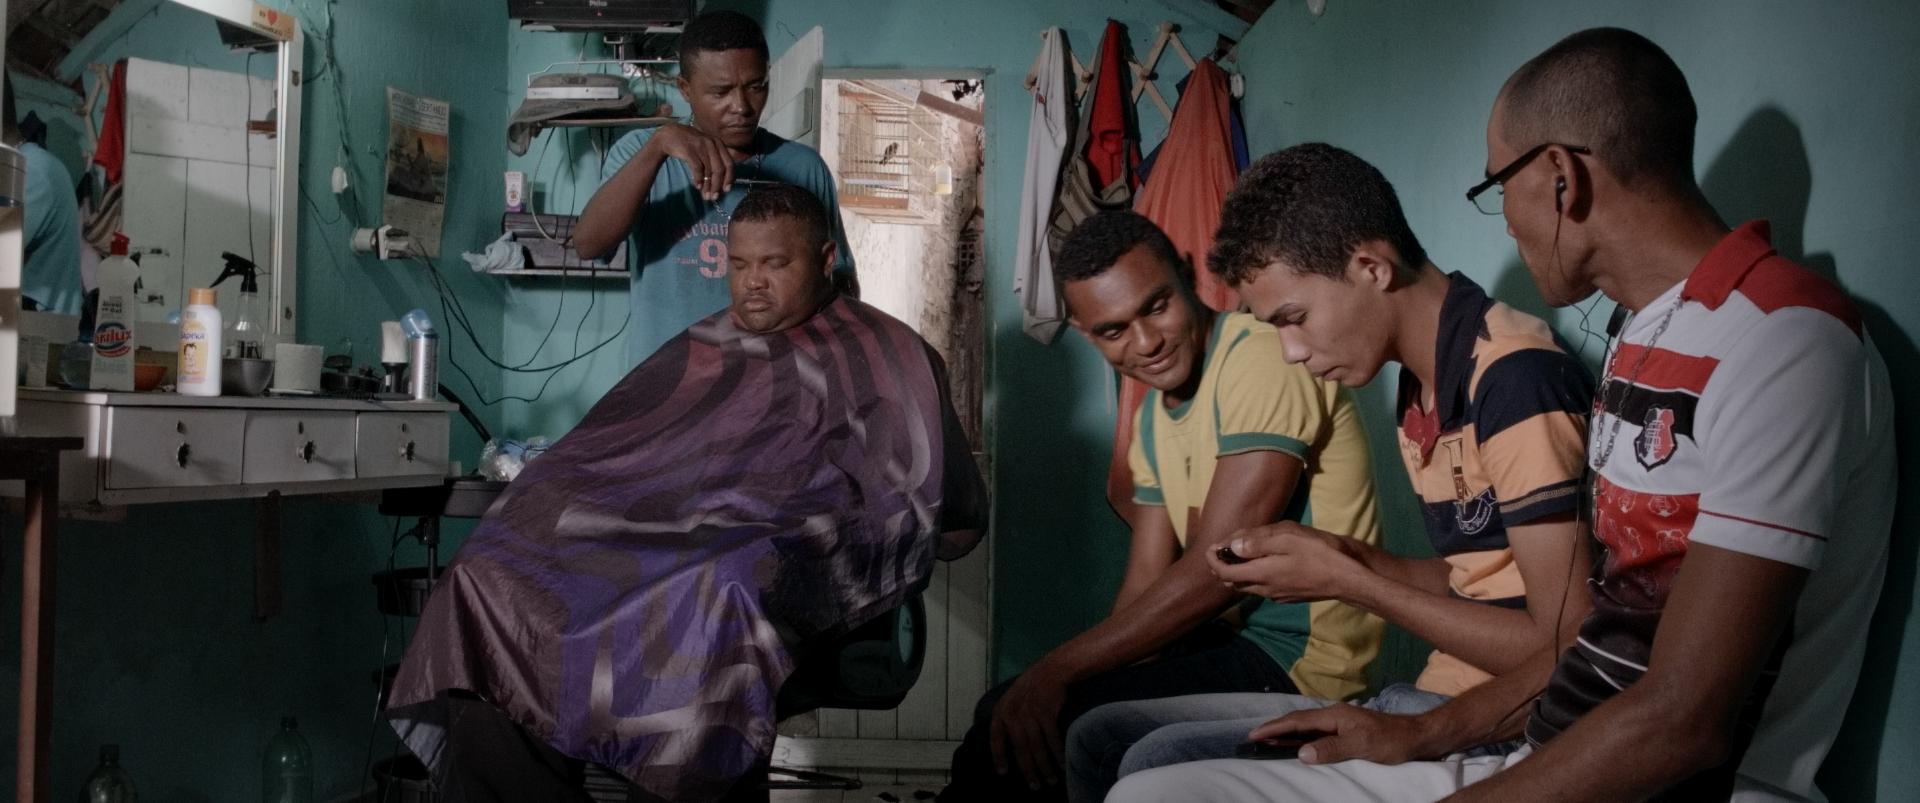 AZOUGUE NAZARÉ still salão (2.35)